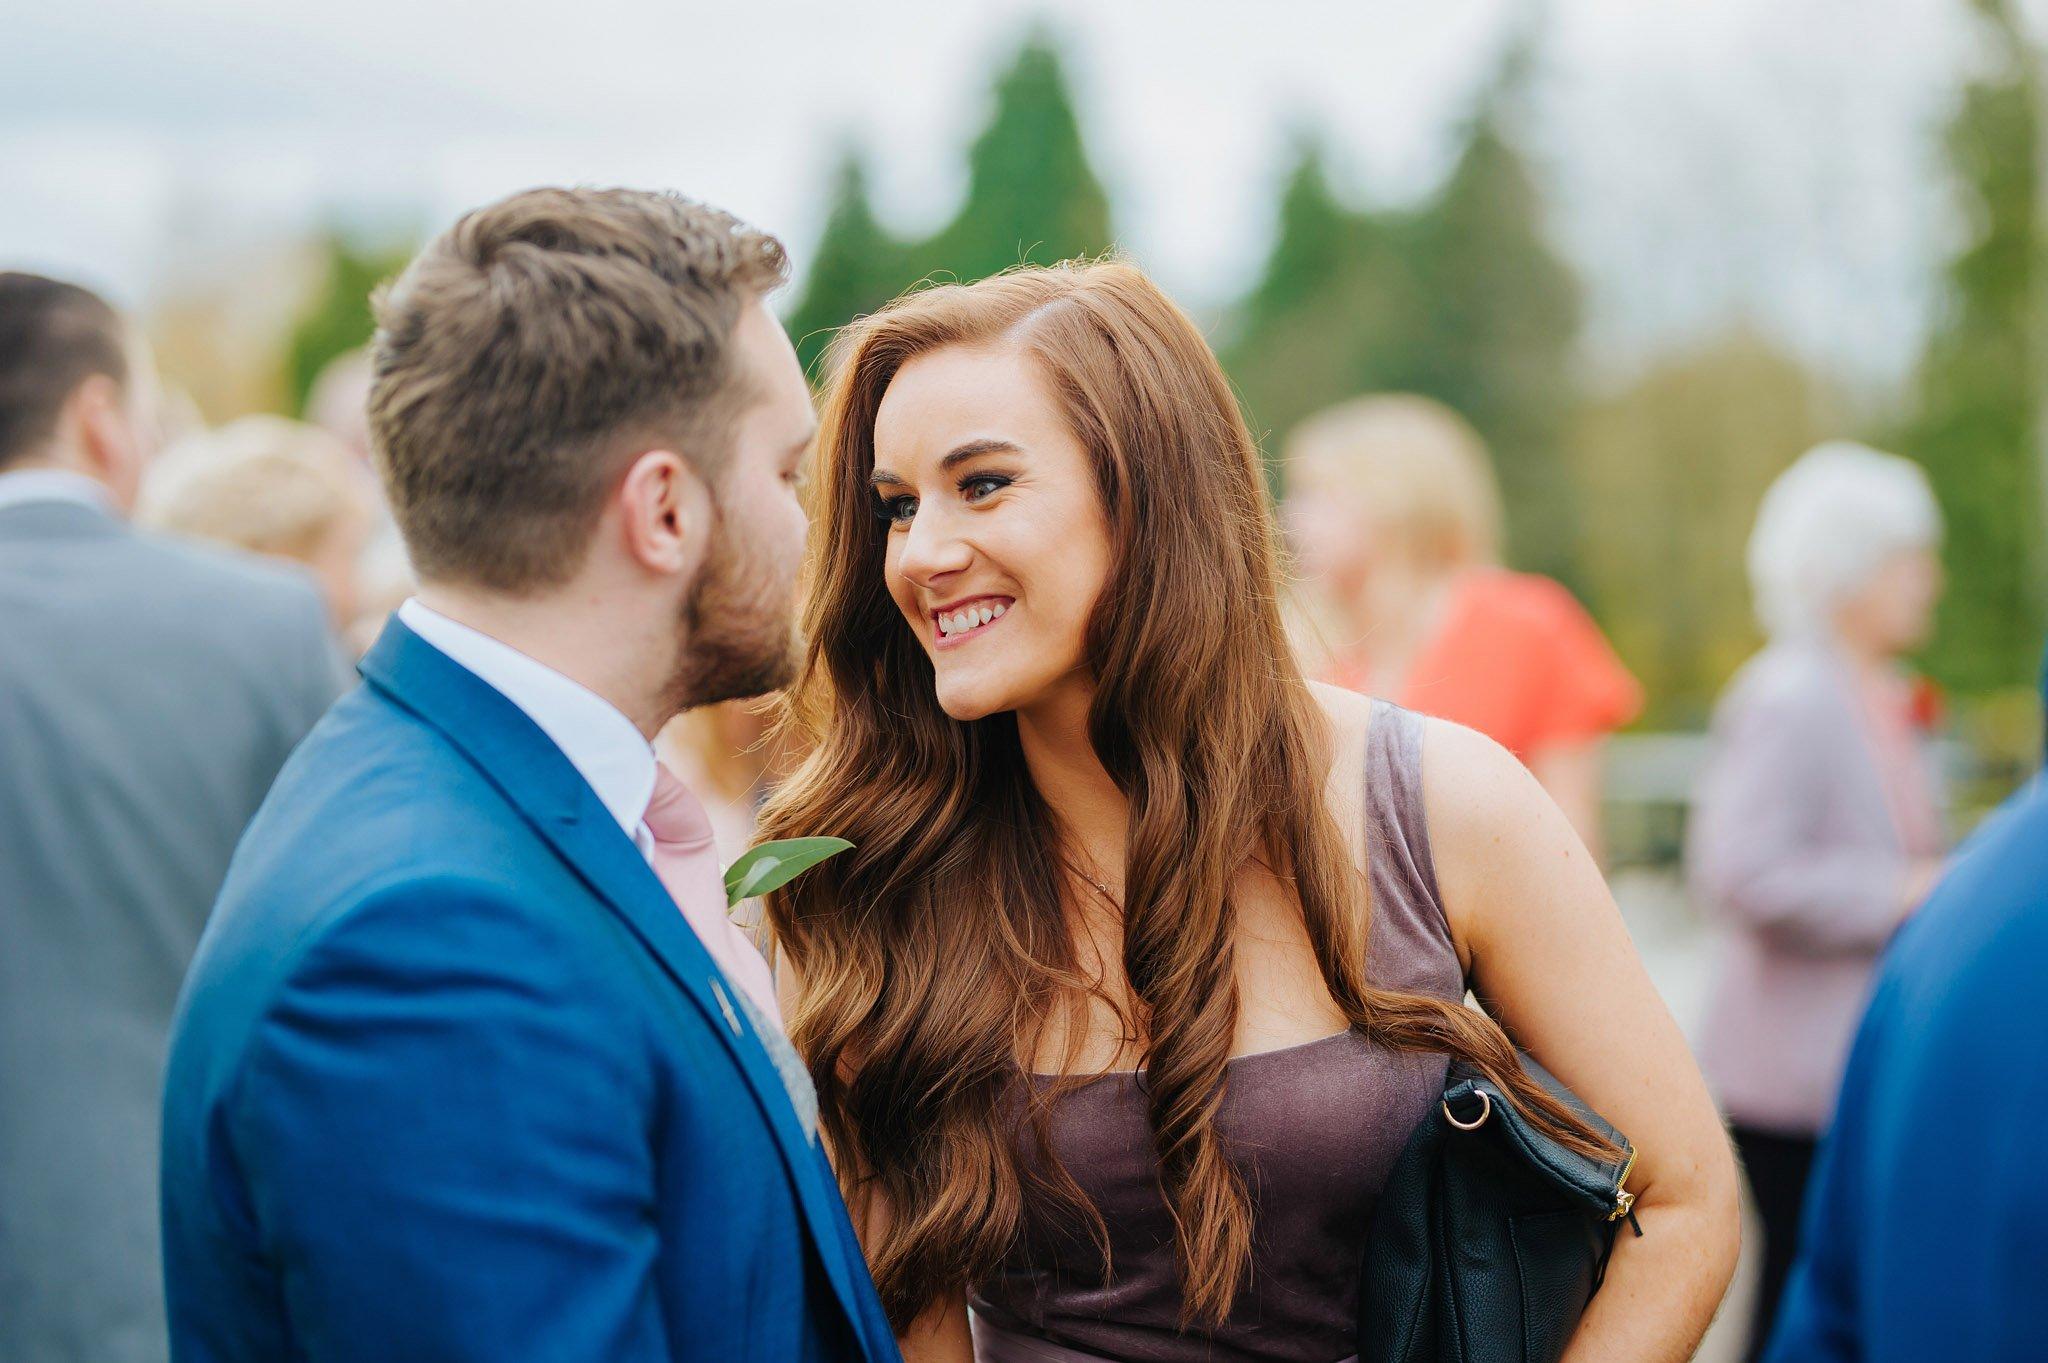 Lemore Manor wedding, Herefordshire - West Midlands | Sadie + Ken 66